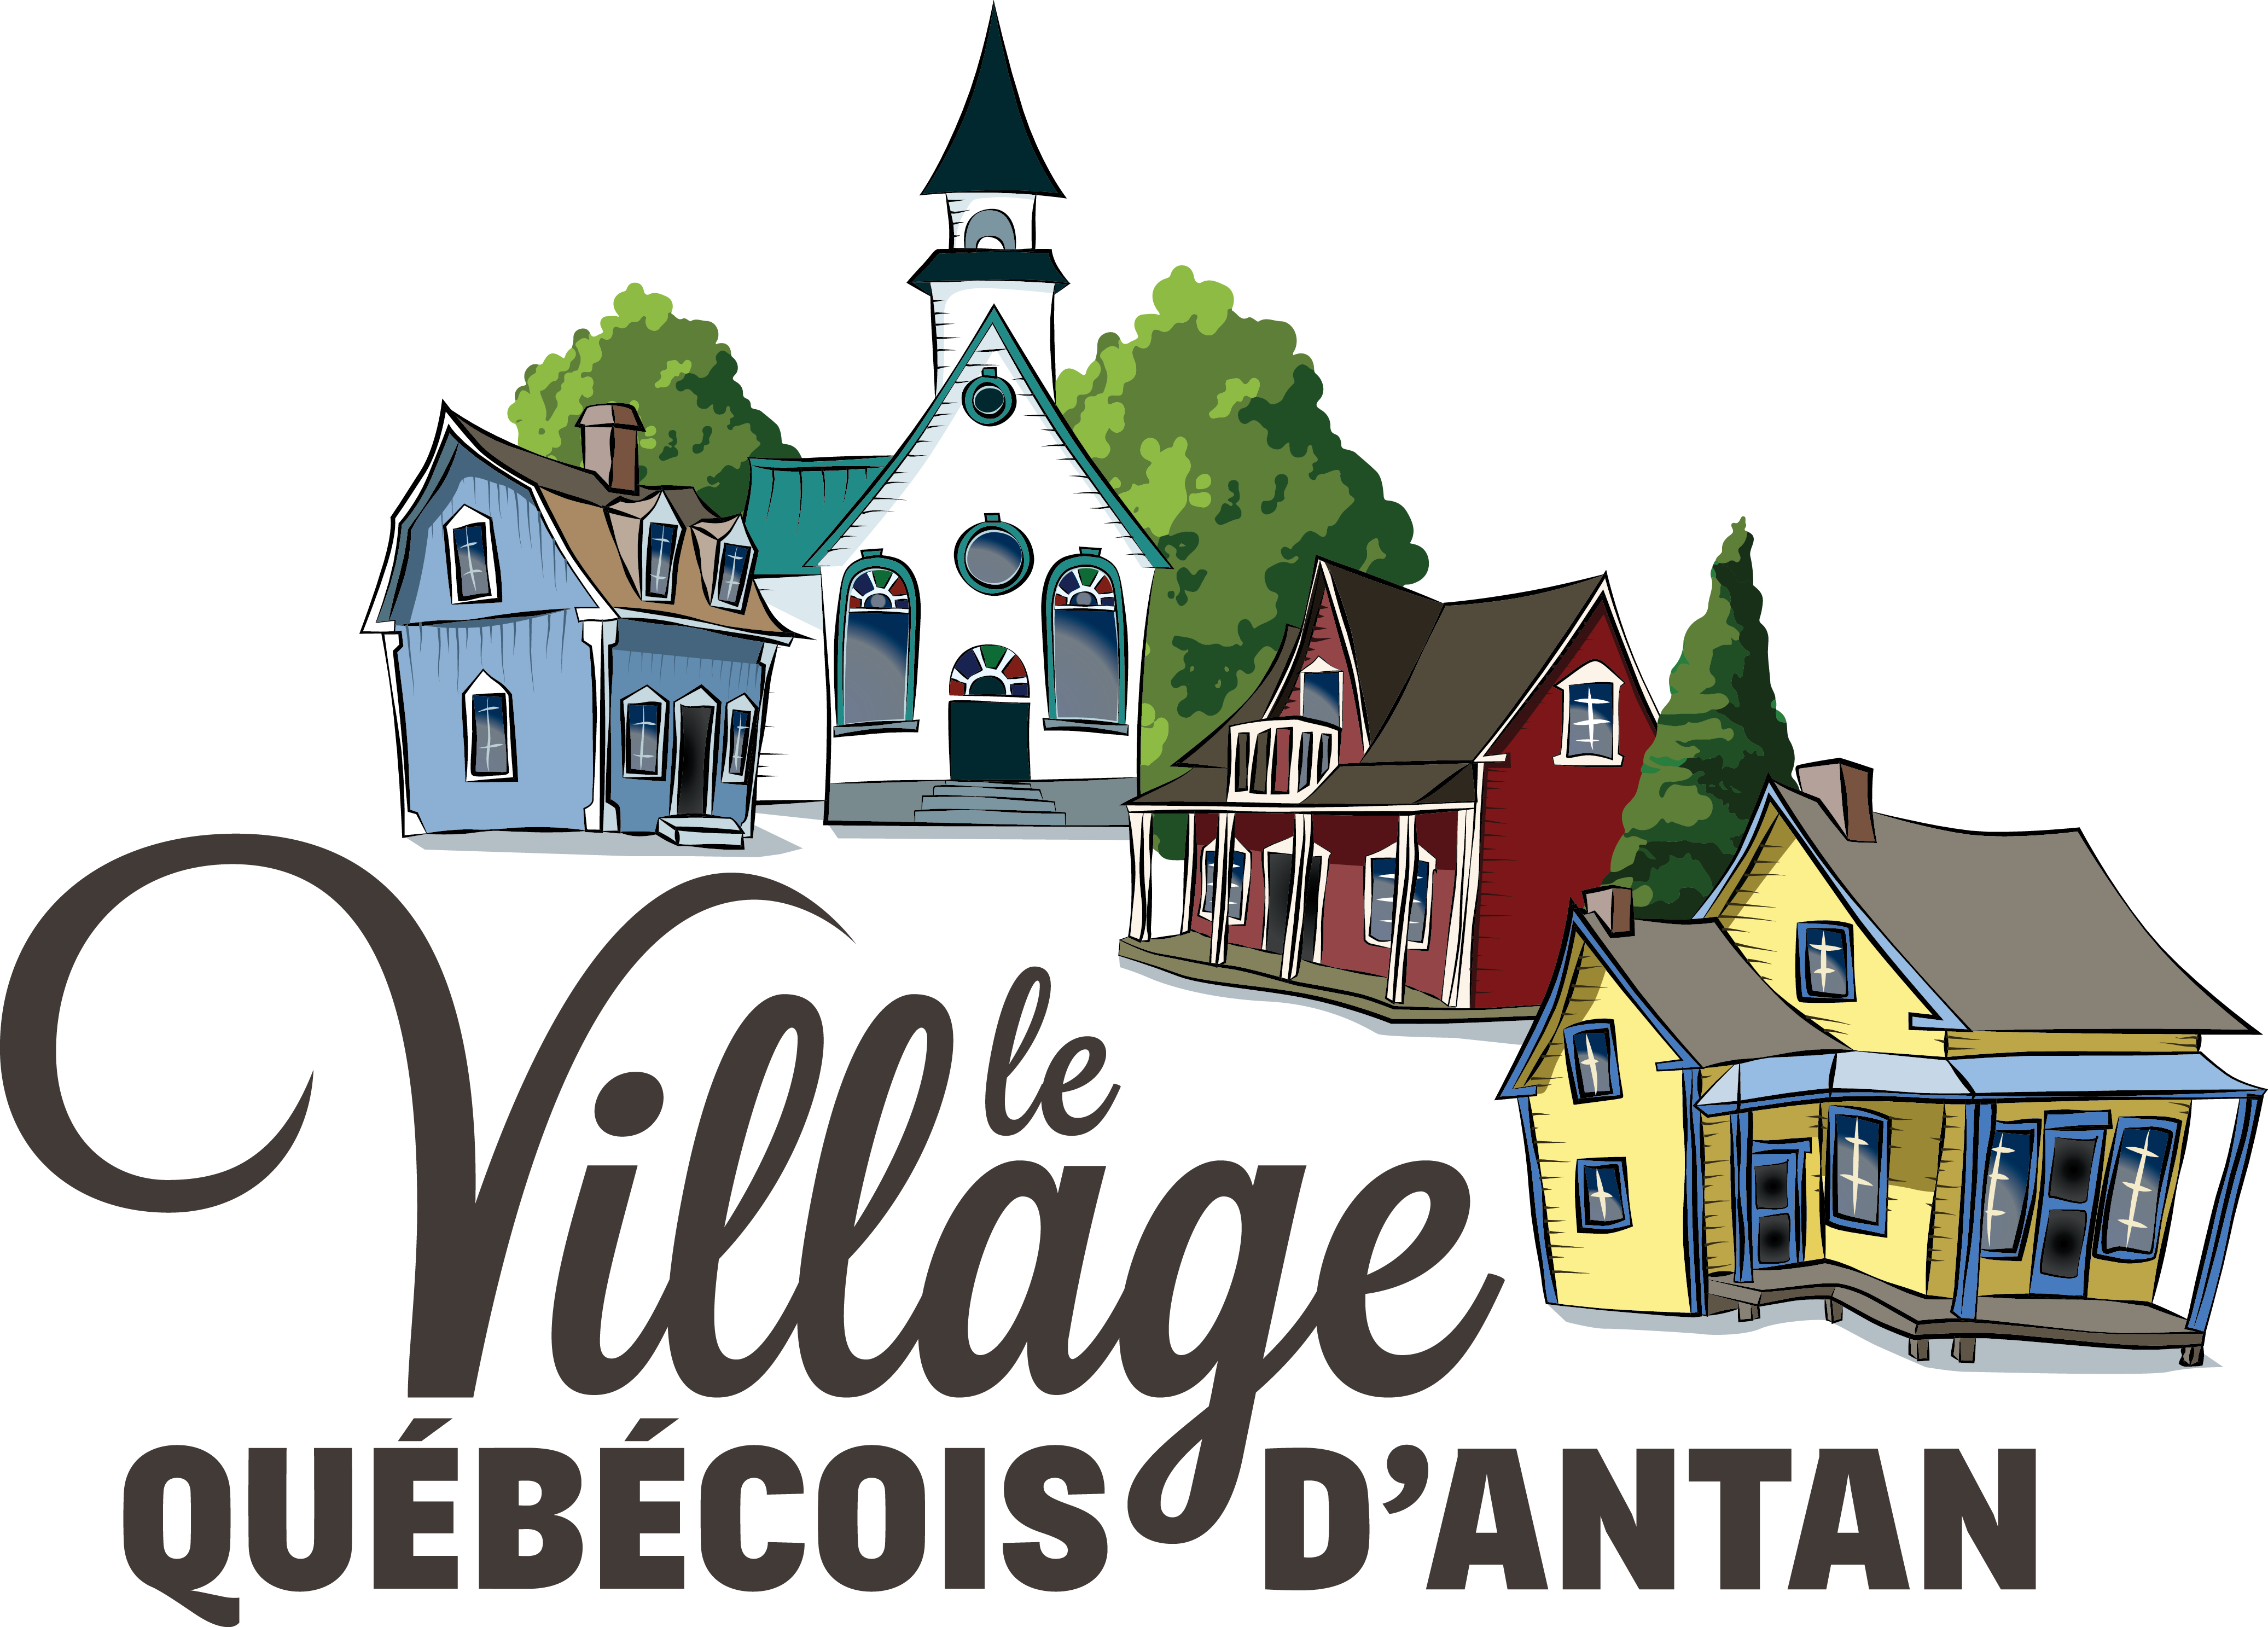 Village QUébécois d'antan logo